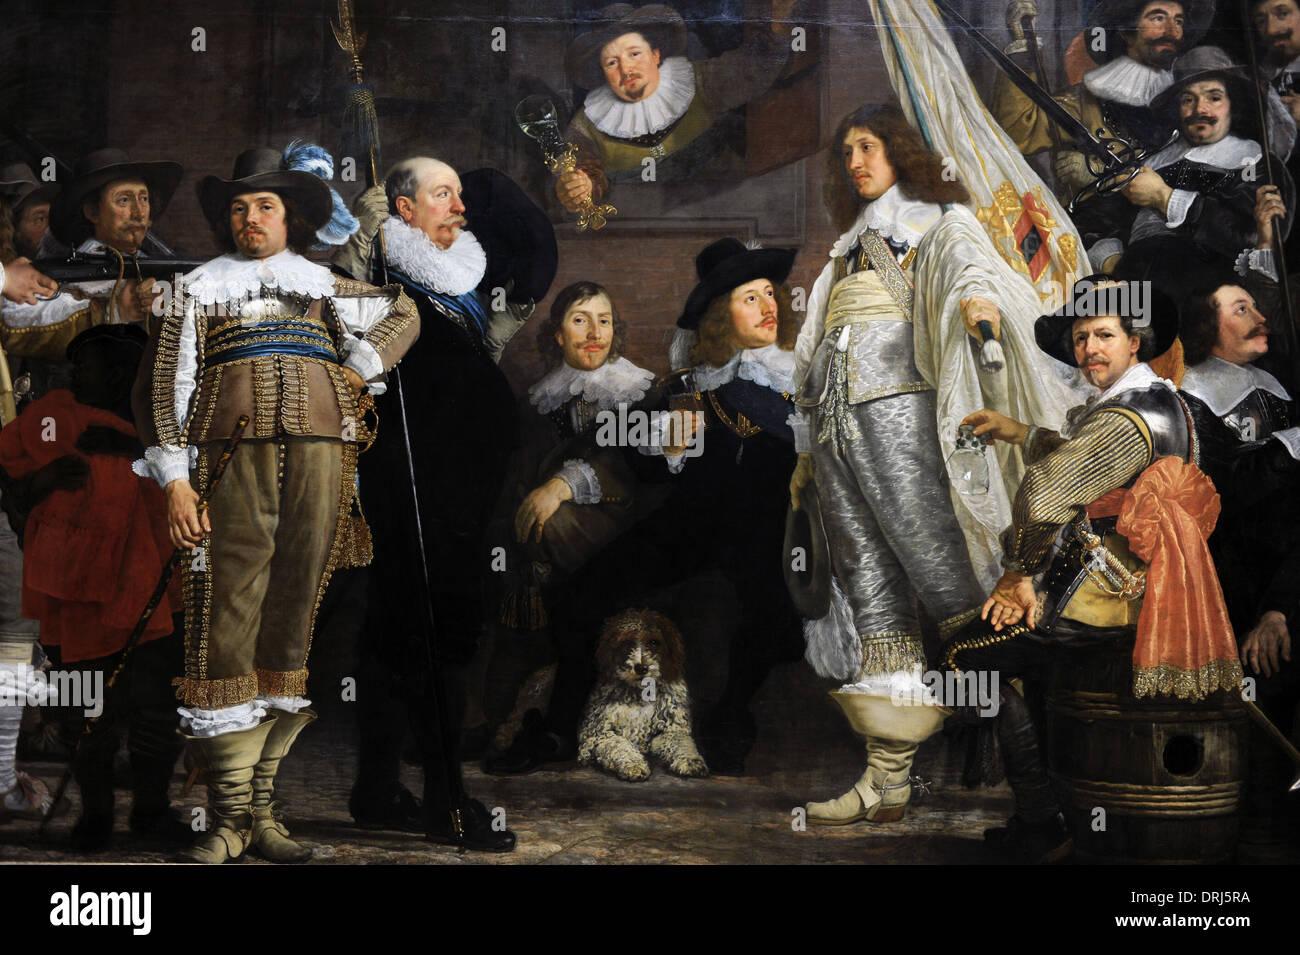 Van der Helst (1613-1670). Dutch painter. Militia Company of District VIII under the Command of Captain Roelof Bicker, 1643. - Stock Image